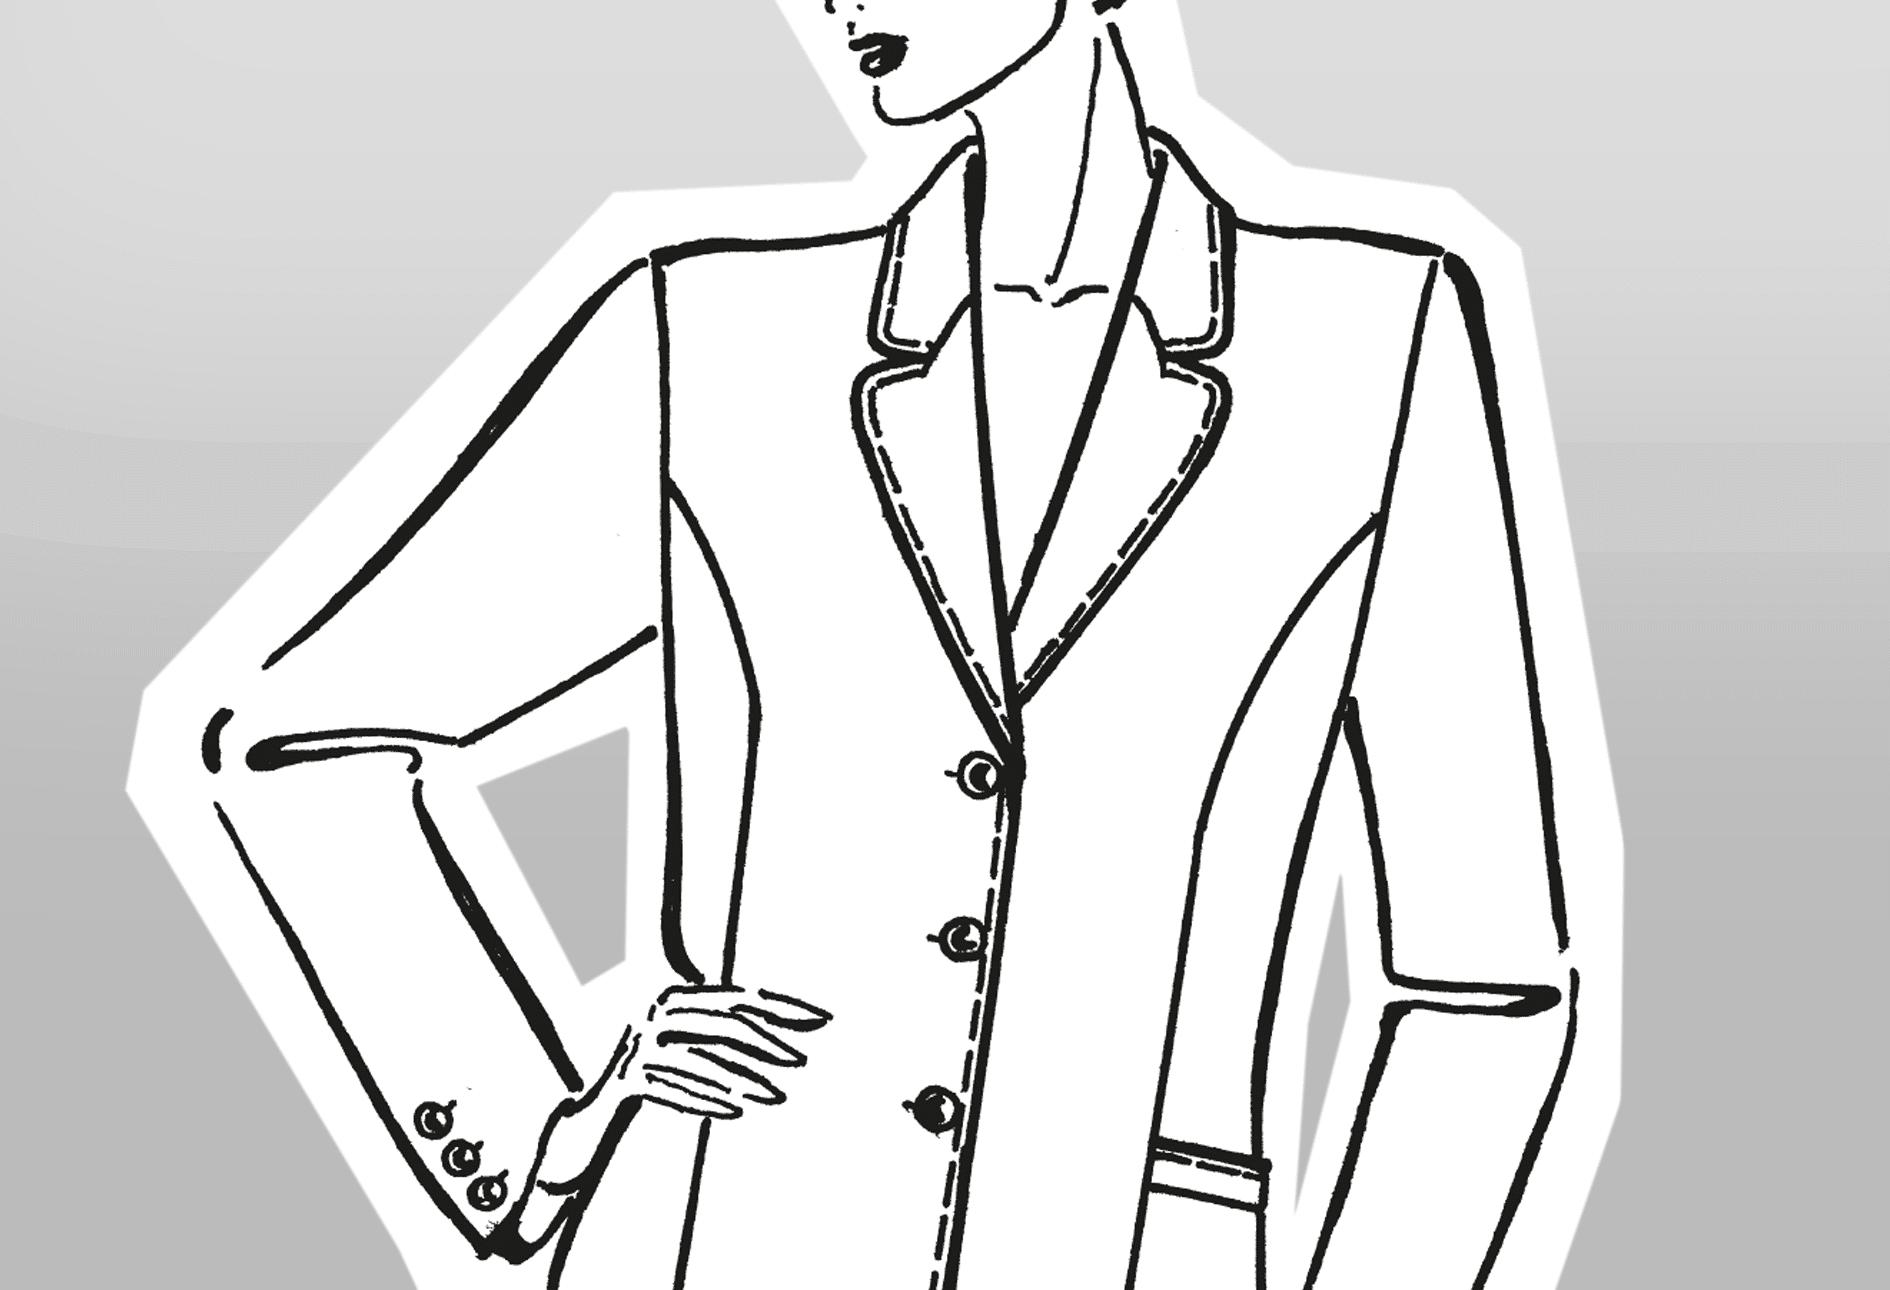 Zu sehen ist die technische Zeichnung eines Mantels mit Reverskragen mit Abnähervariante.